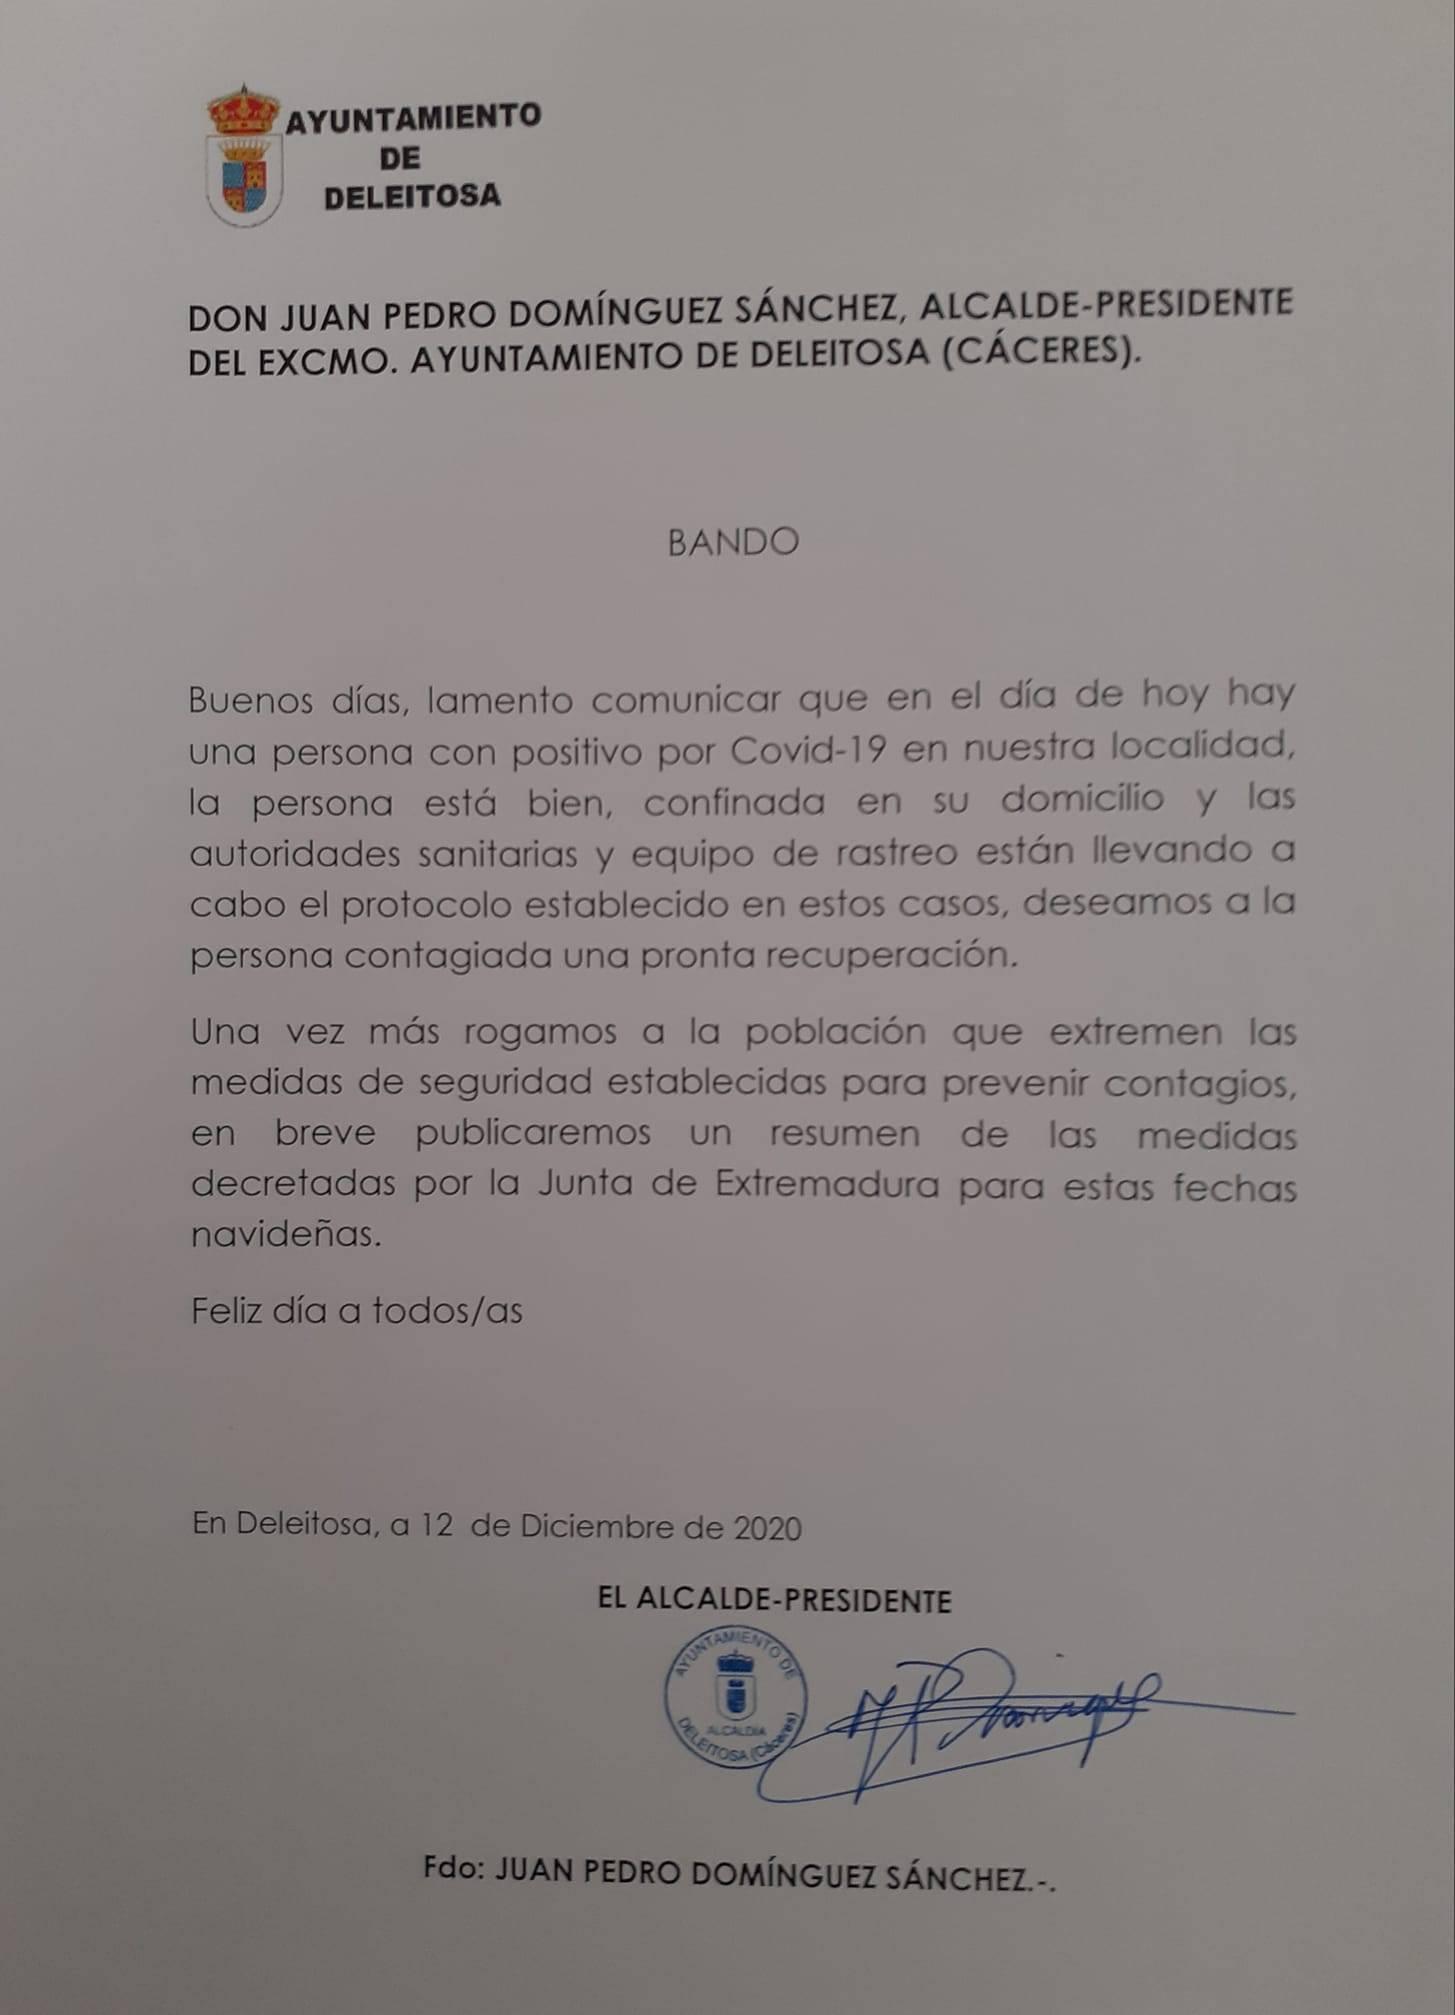 Un caso positivo de COVID-19 (diciembre 2020) - Deleitosa (Cáceres)